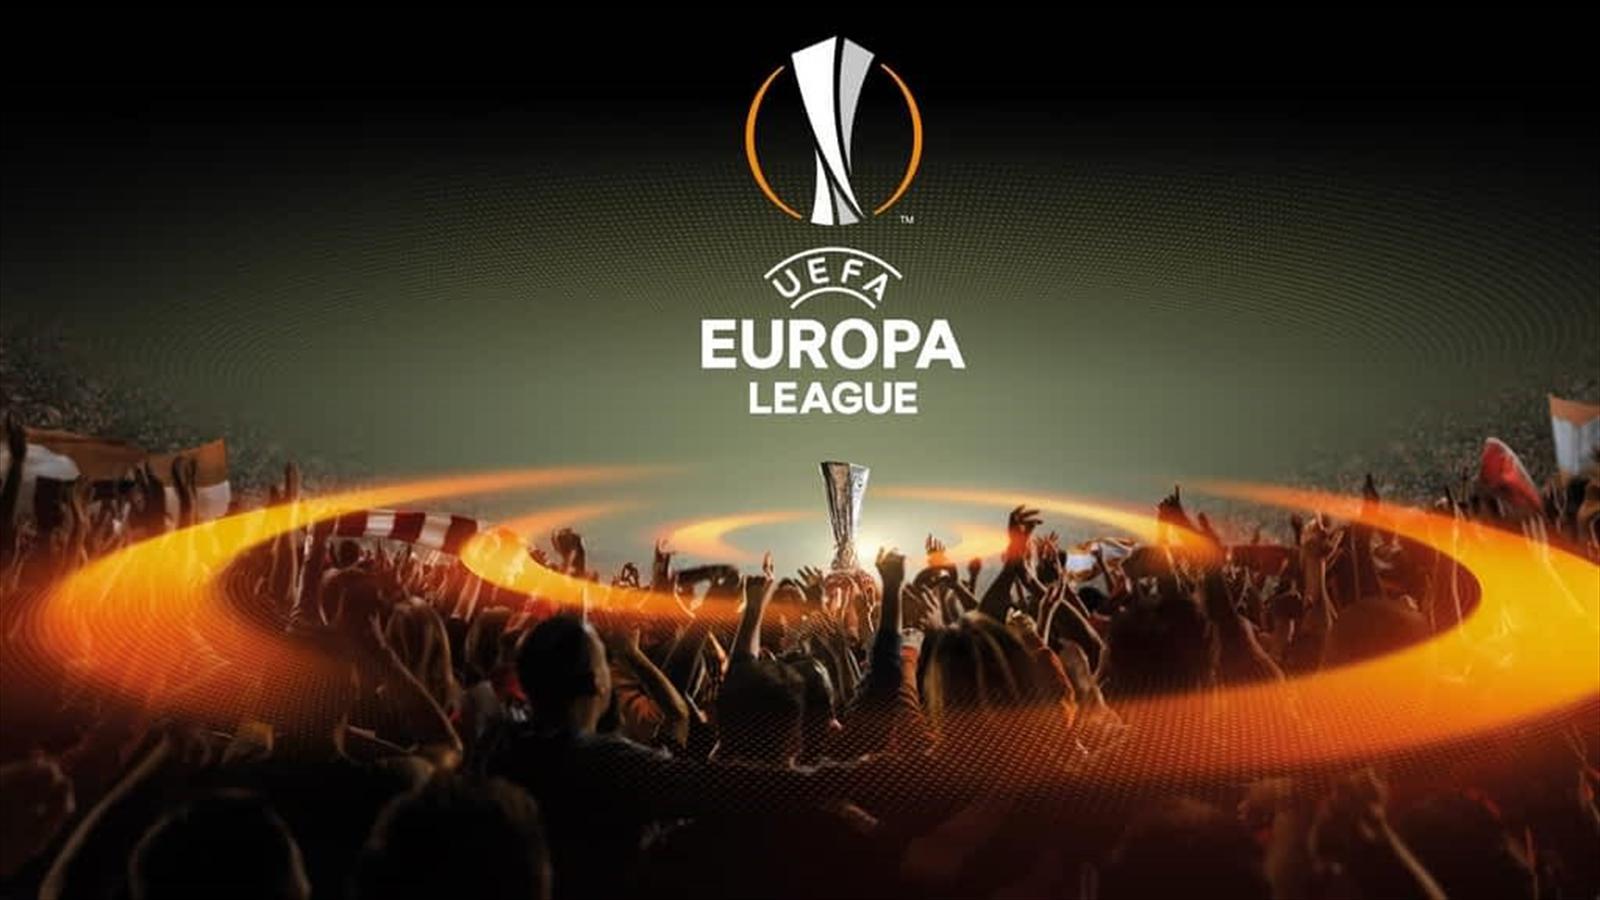 UEFA Europa League intro 2012-13 intro (PES version) - YouTube  |Europa League